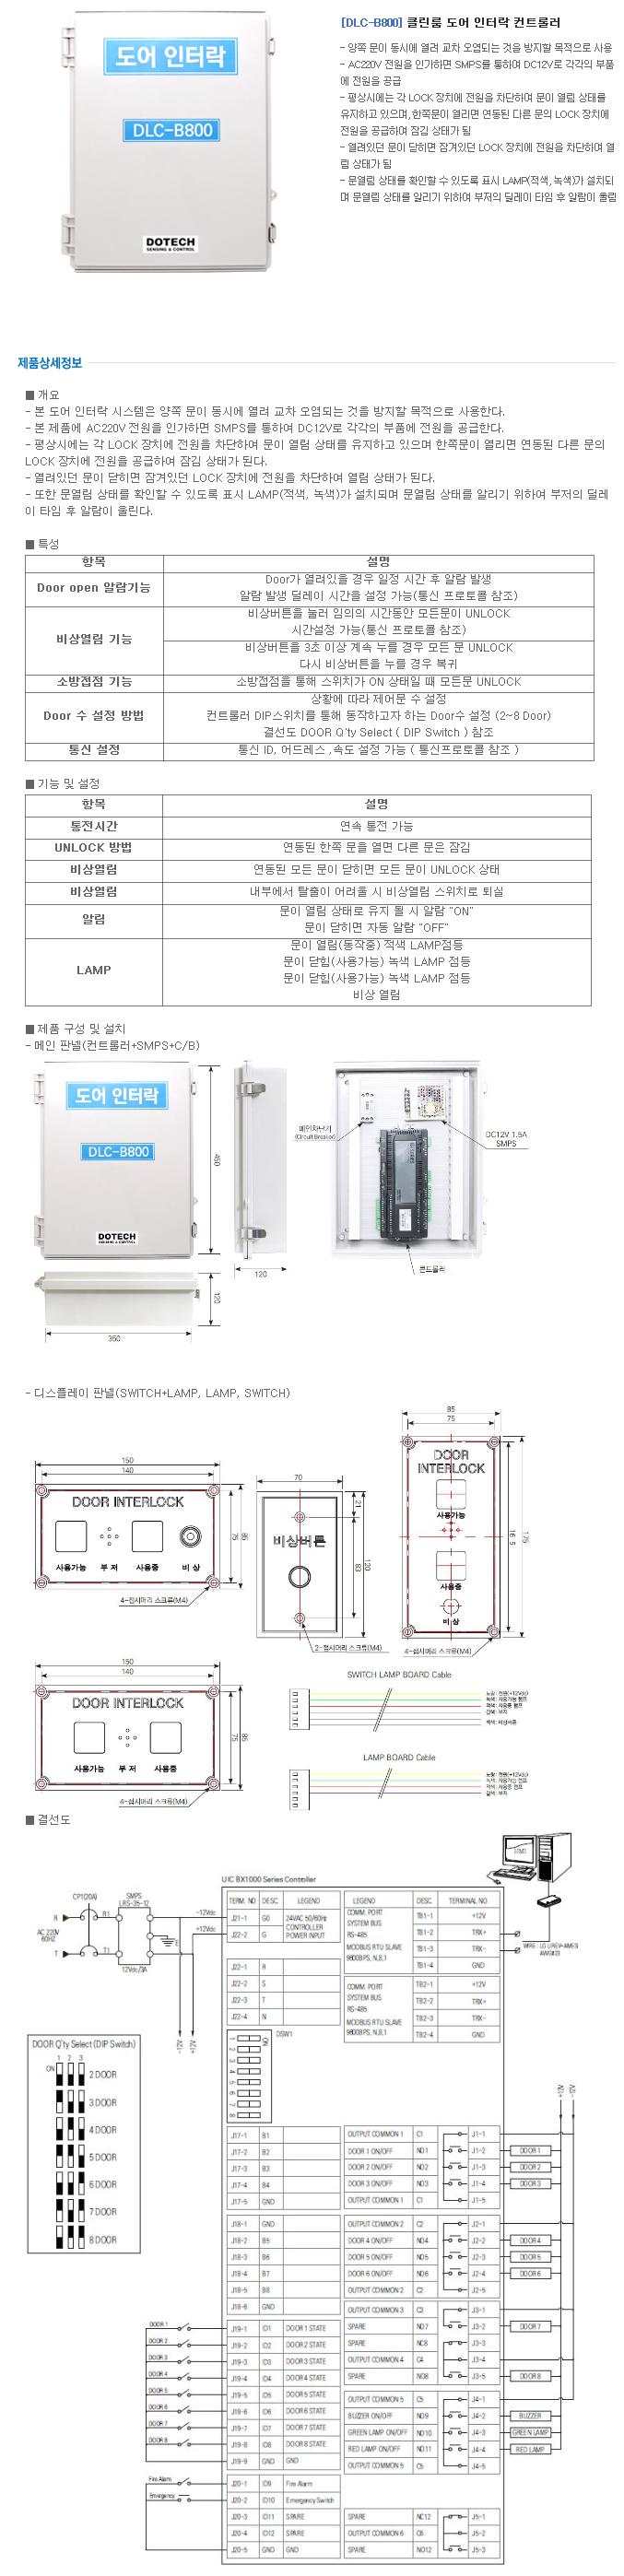 (주)두텍 클린룸 도어 인터락 컨트롤러 DLC-B800